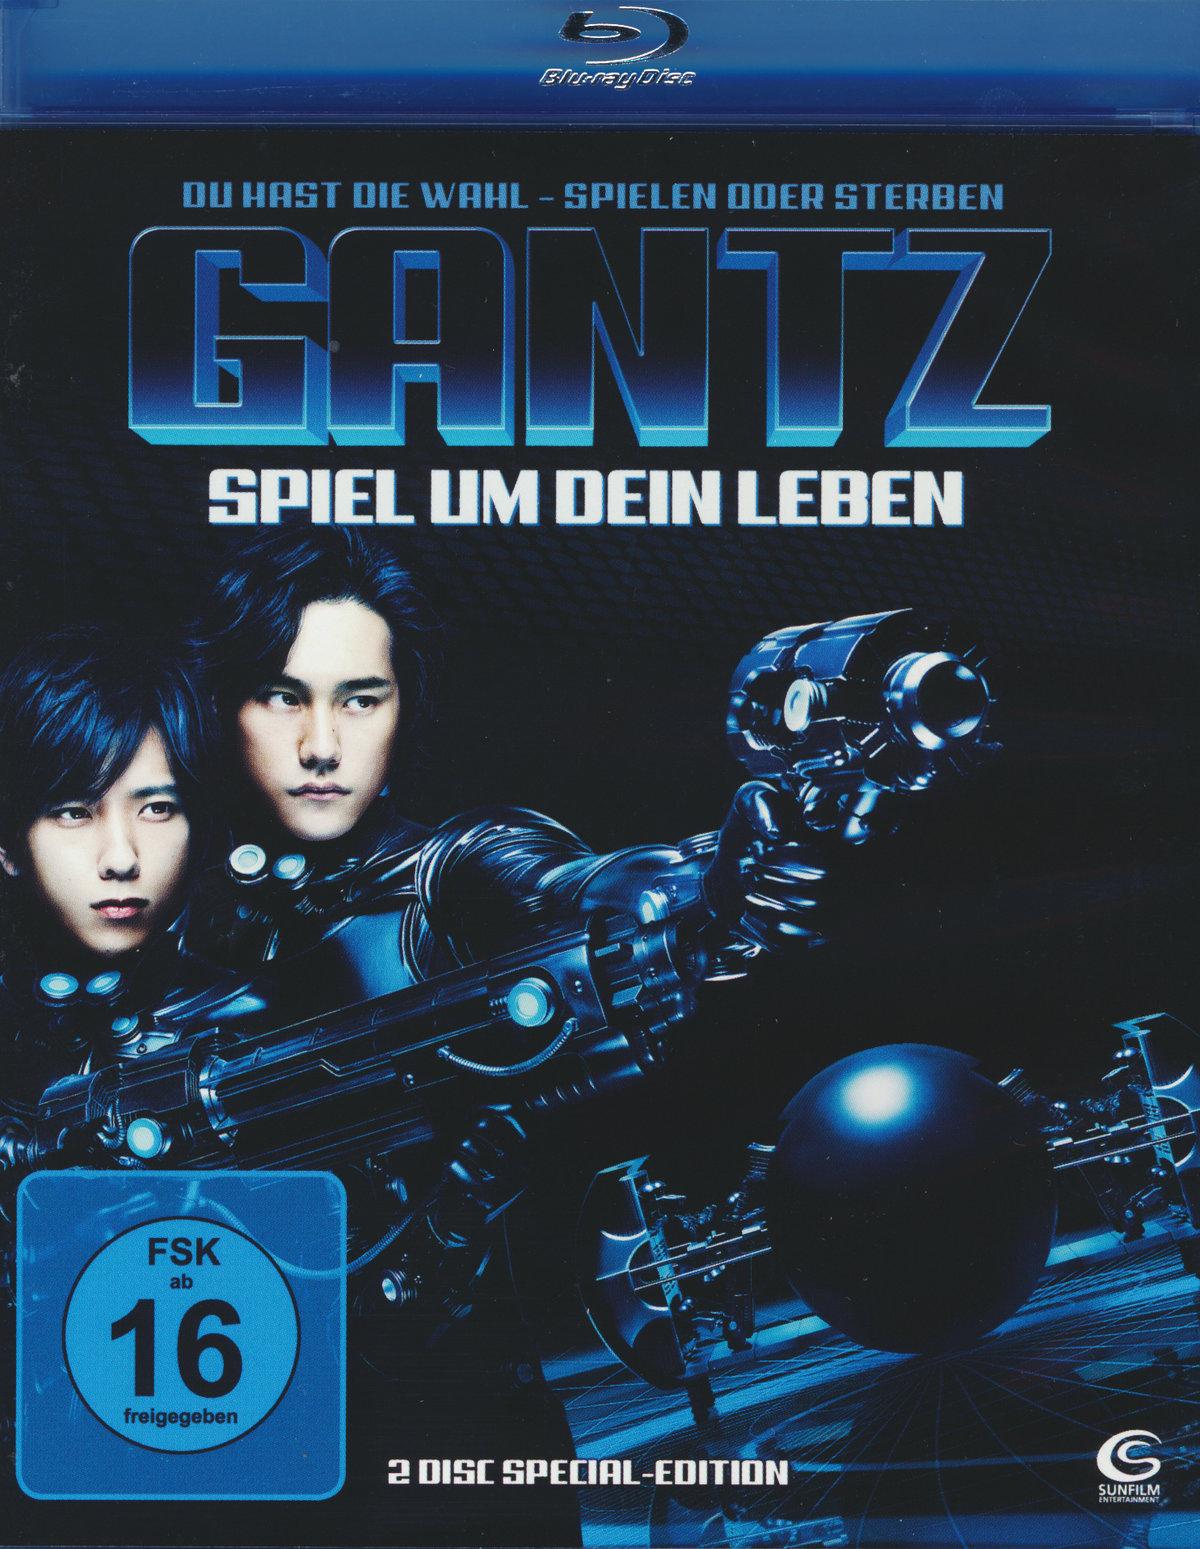 Gantz (2010) - Spiel um dein Leben